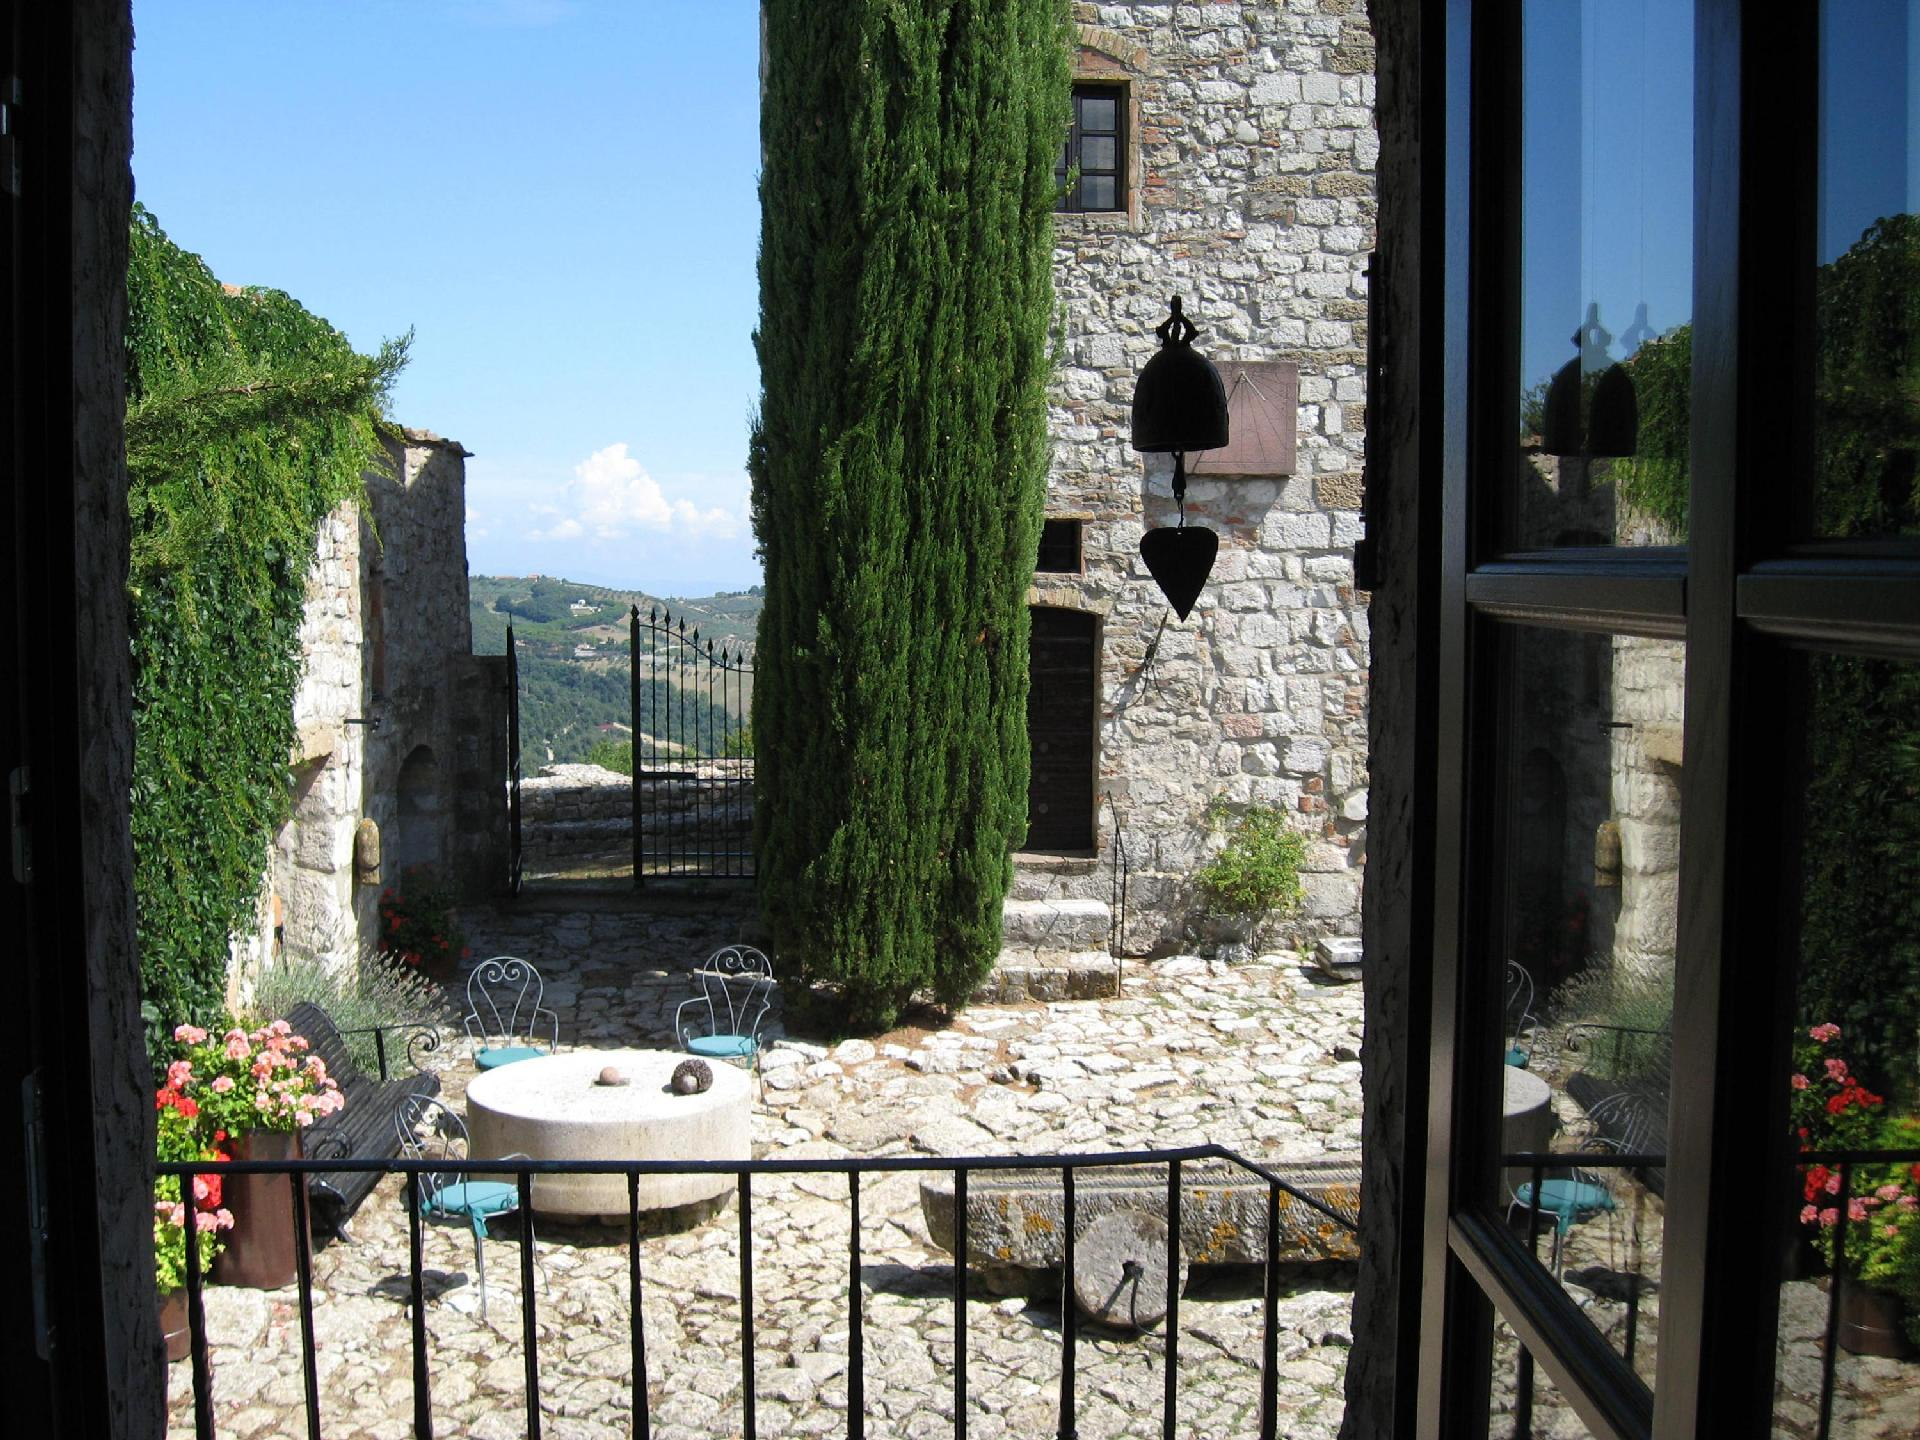 Ferienhaus für 2 Personen ca. 60 m² in G Besondere Immobilie in Italien